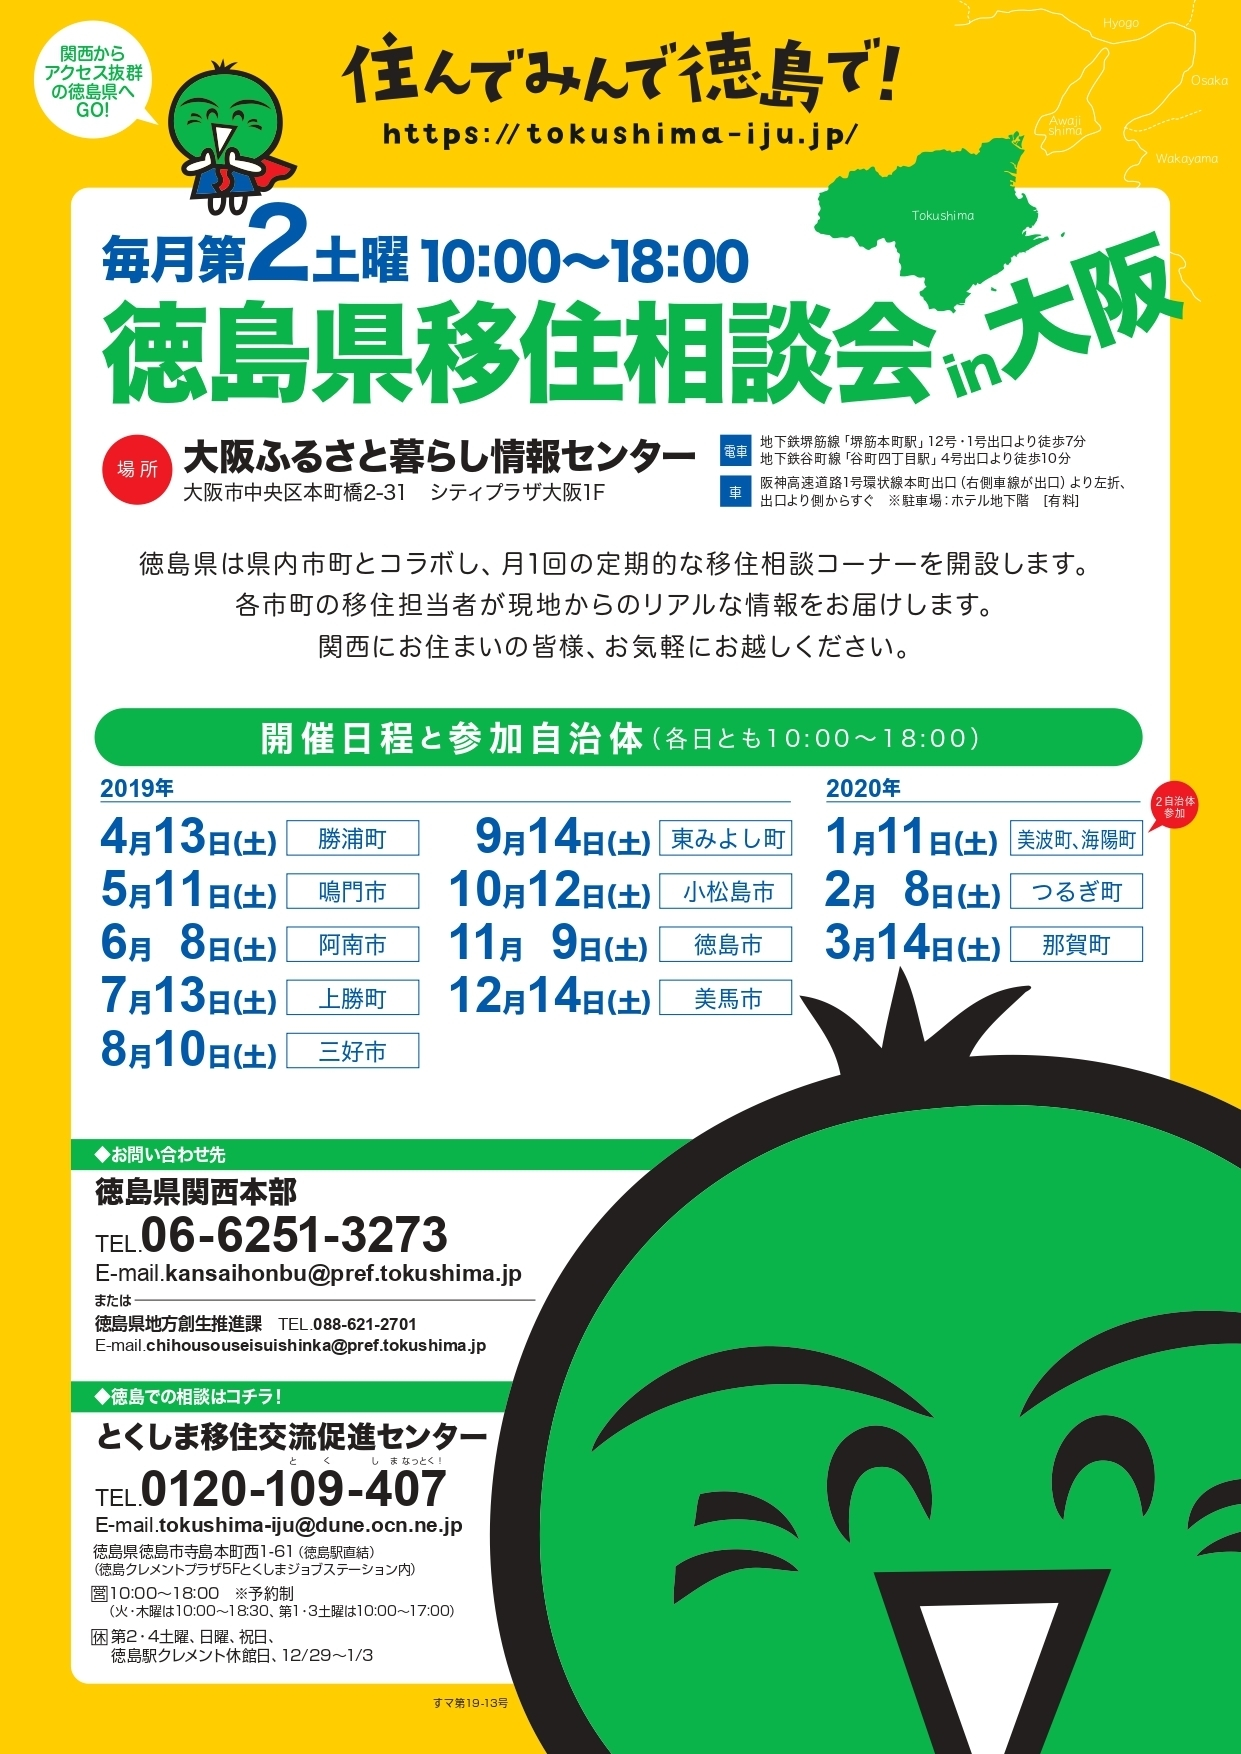 R10810miyshiA4___________5__page-0001.jpg